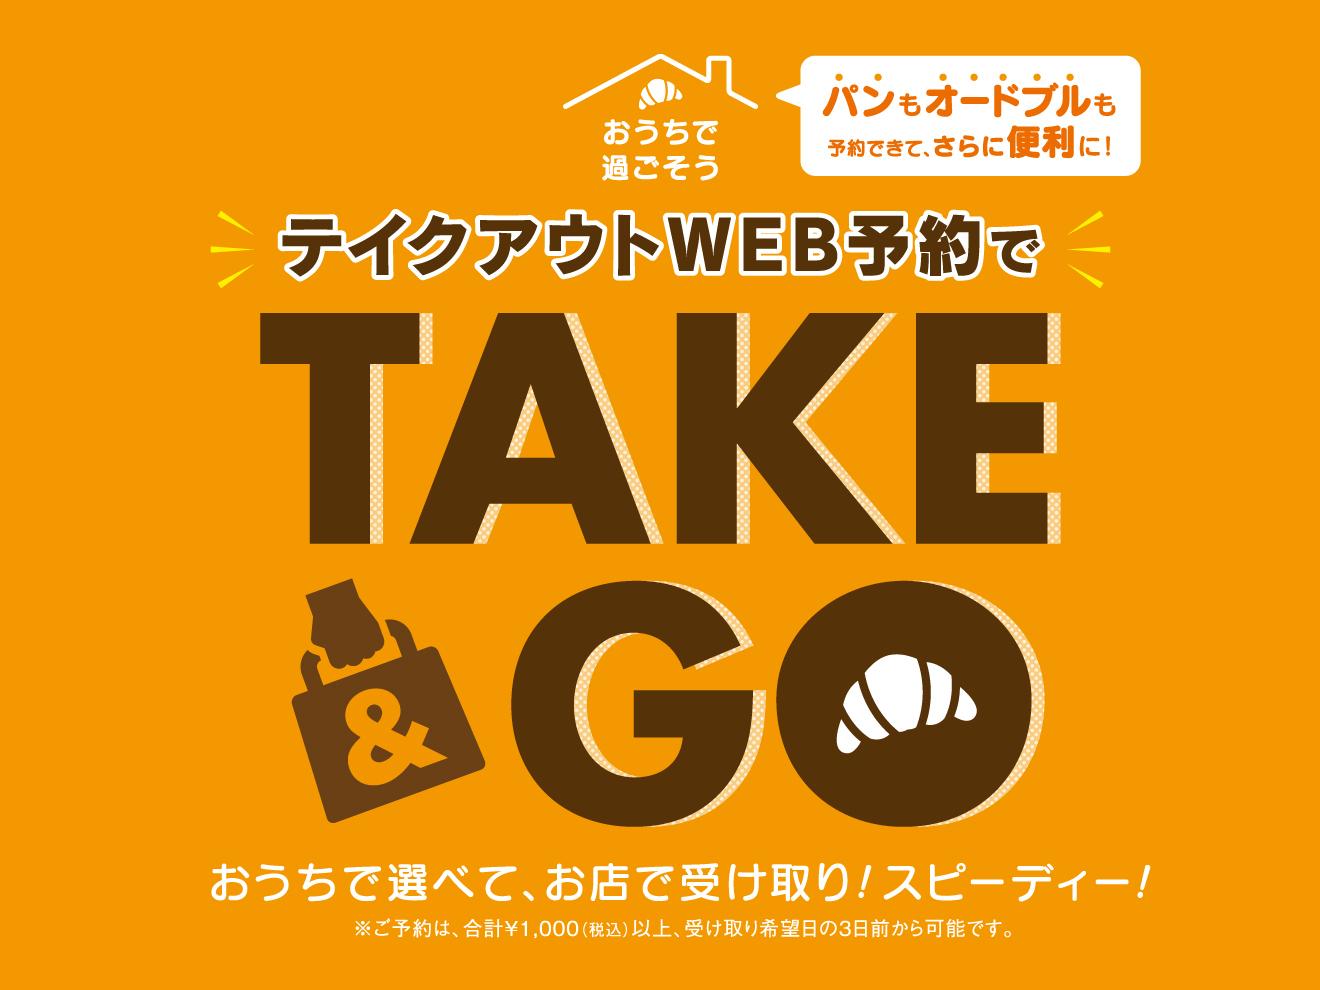 テイクアウトWEB予約で「TAKE&GO」スタート